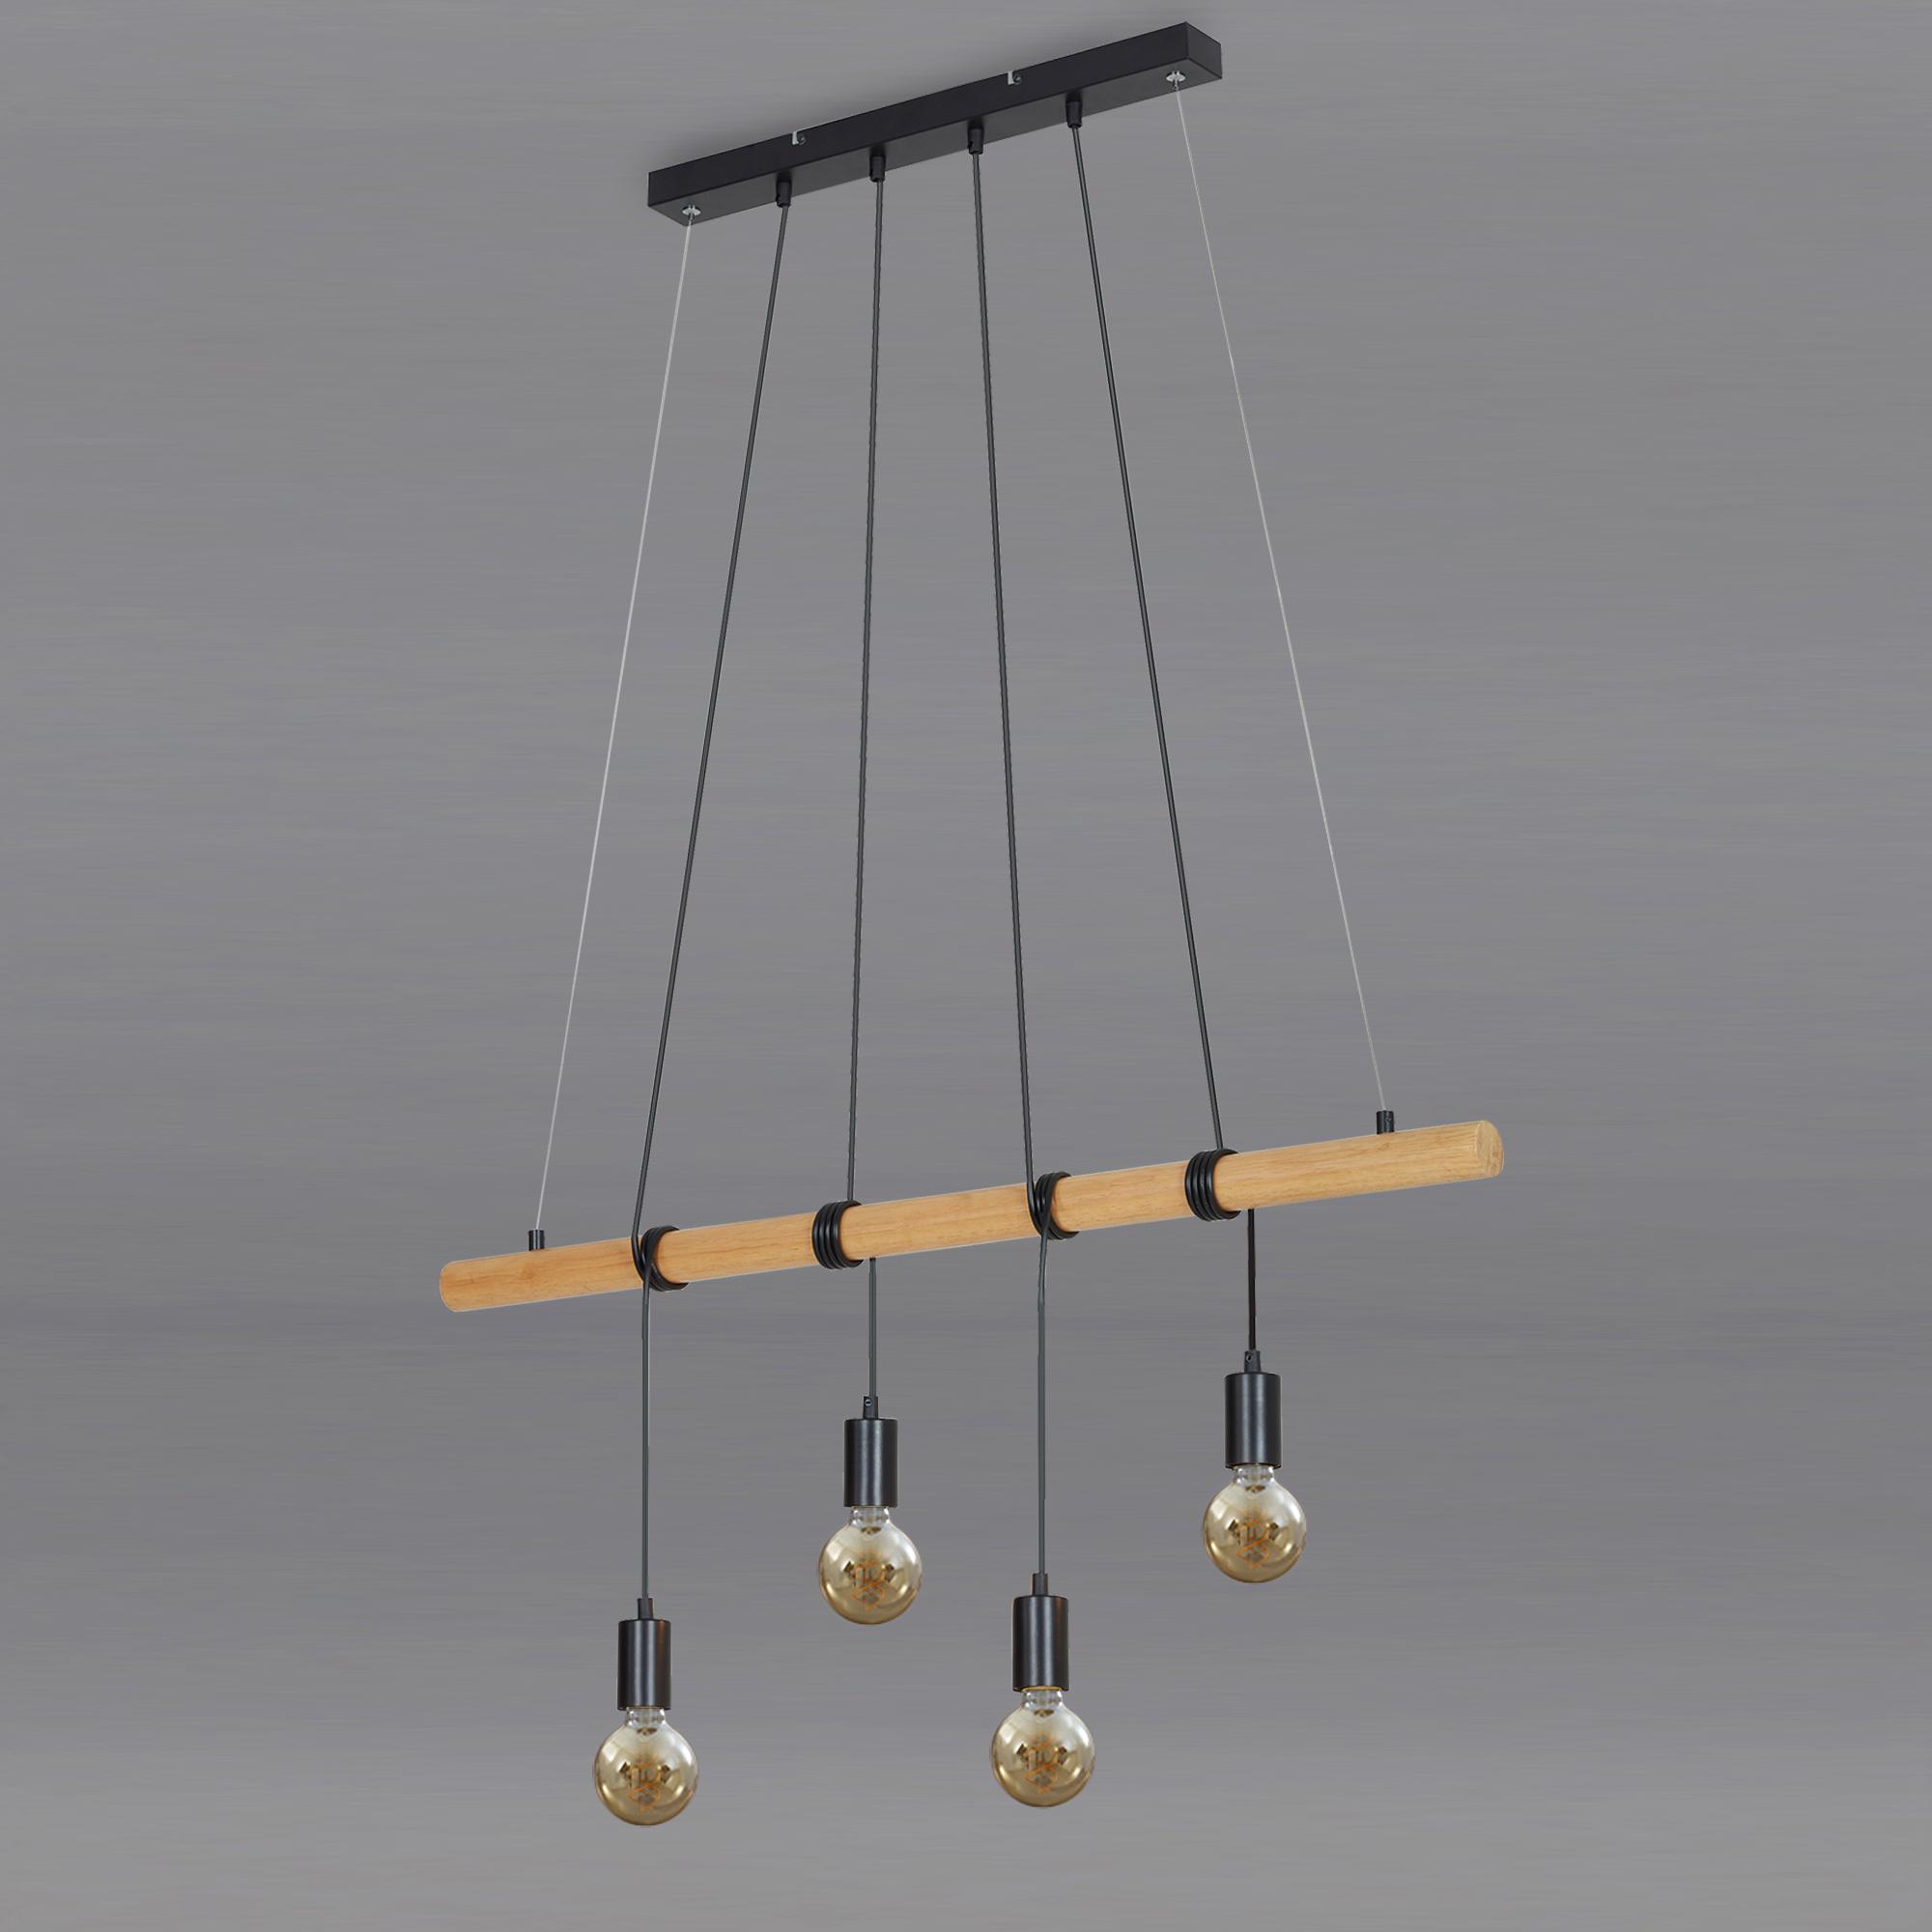 Pendelleuchte, 90 cm, max. 25 W, Holz-Grau